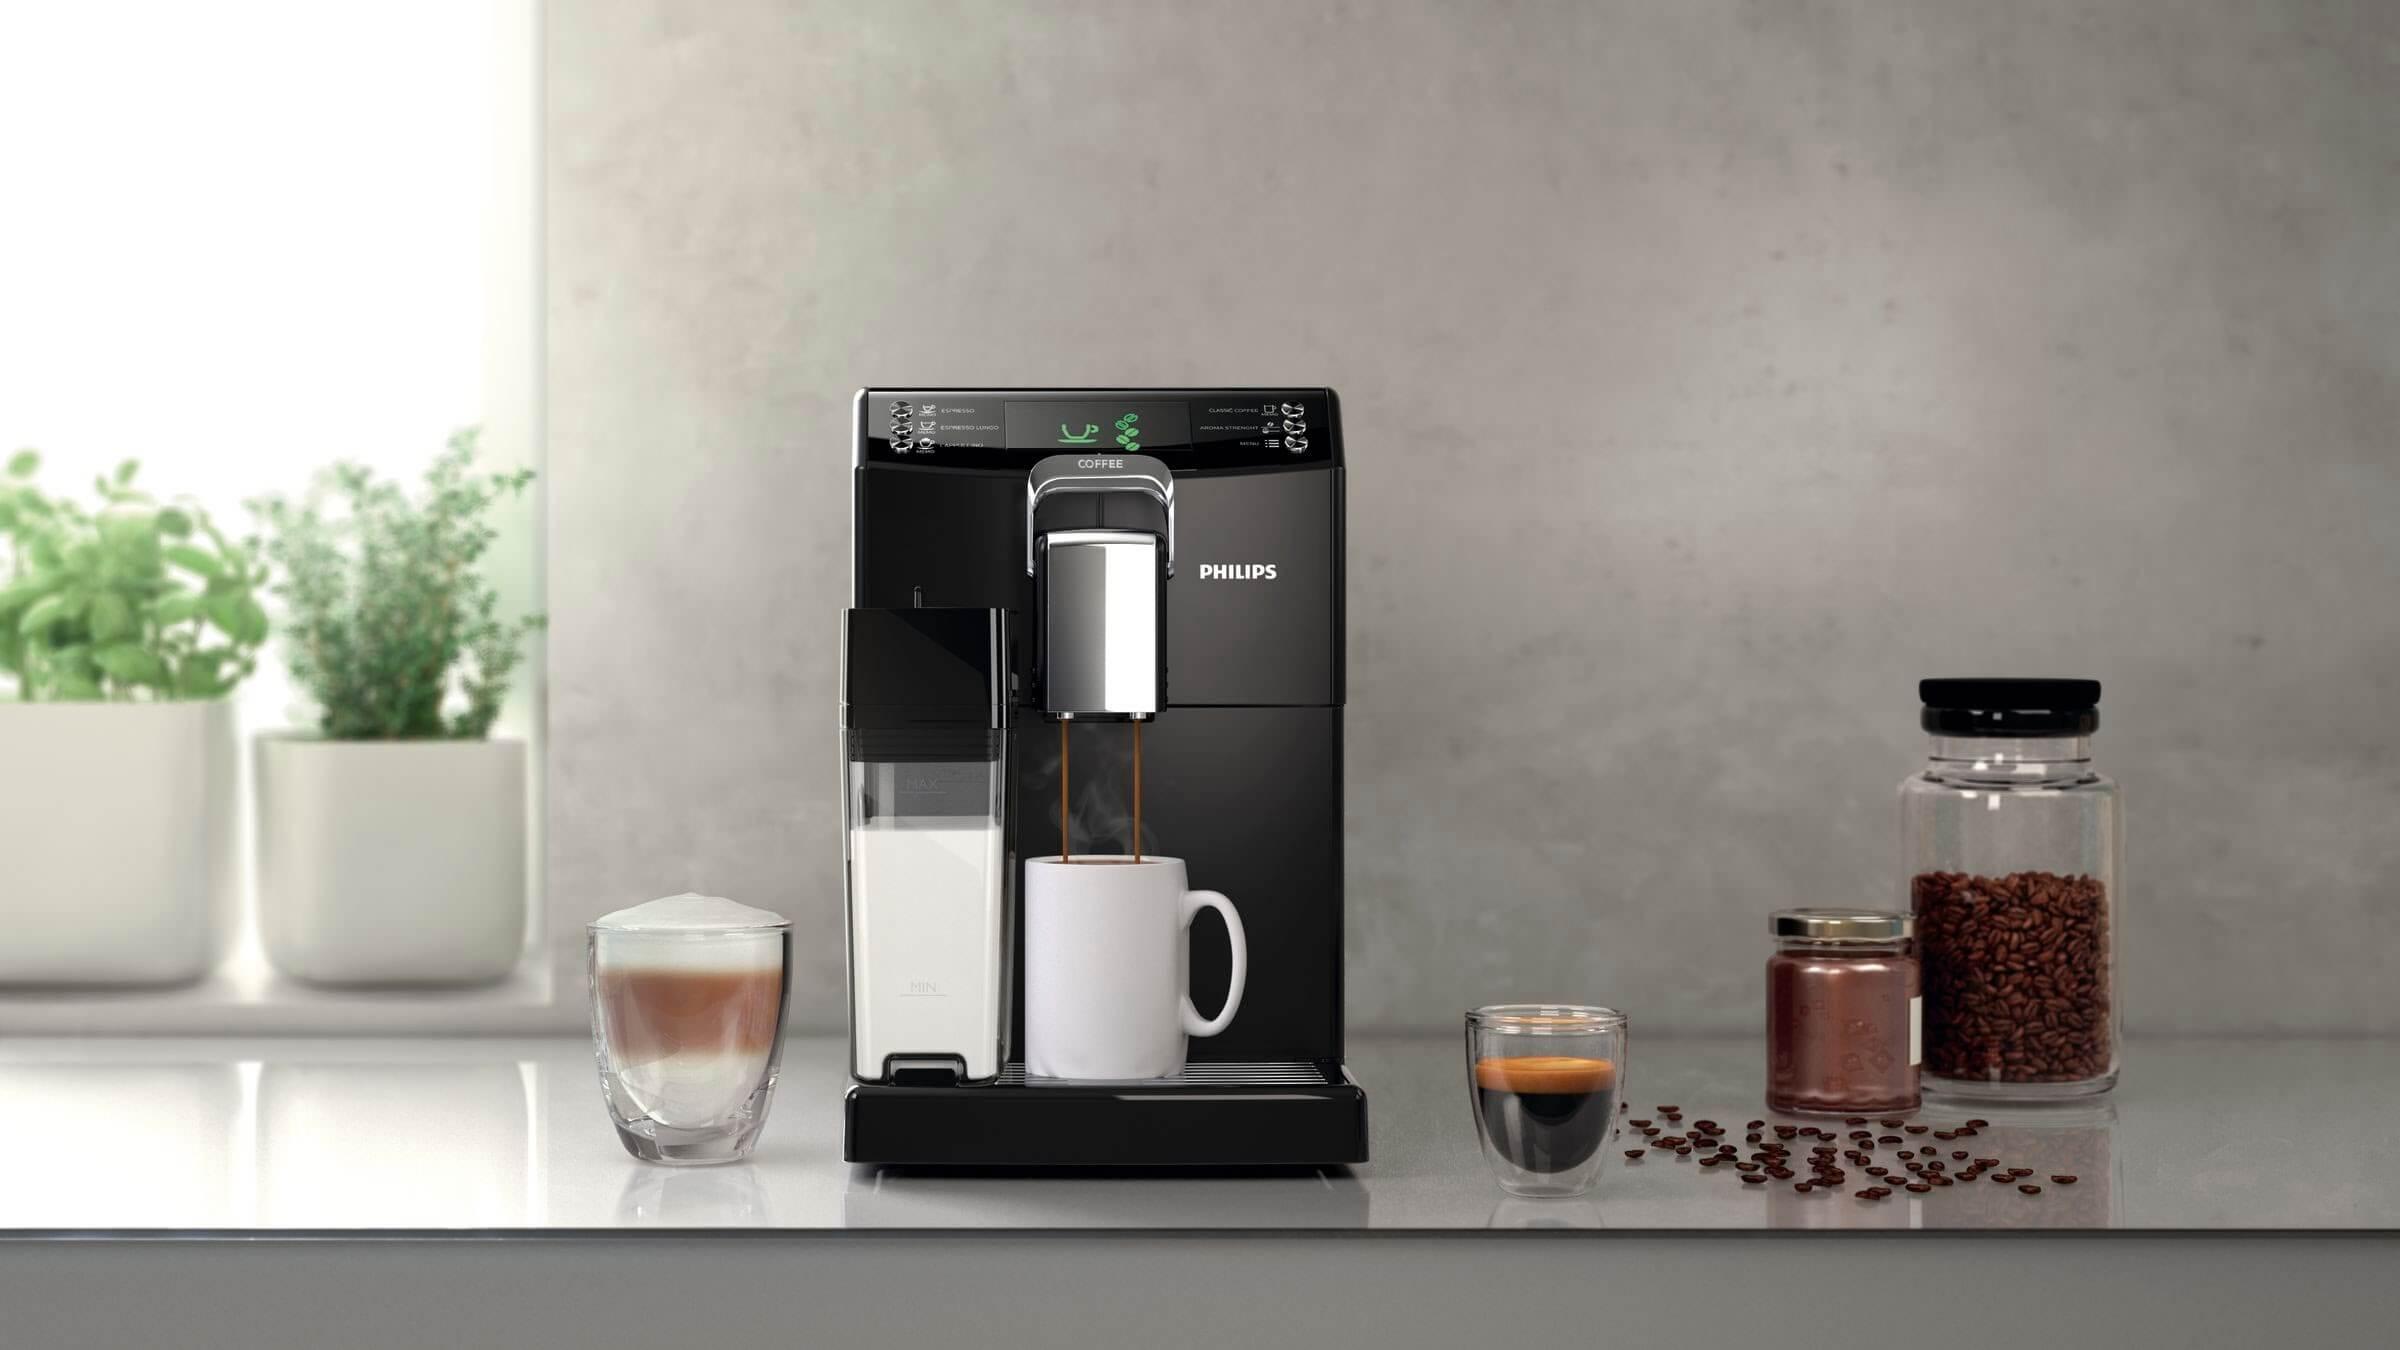 kaffebryggare som maler kaffe